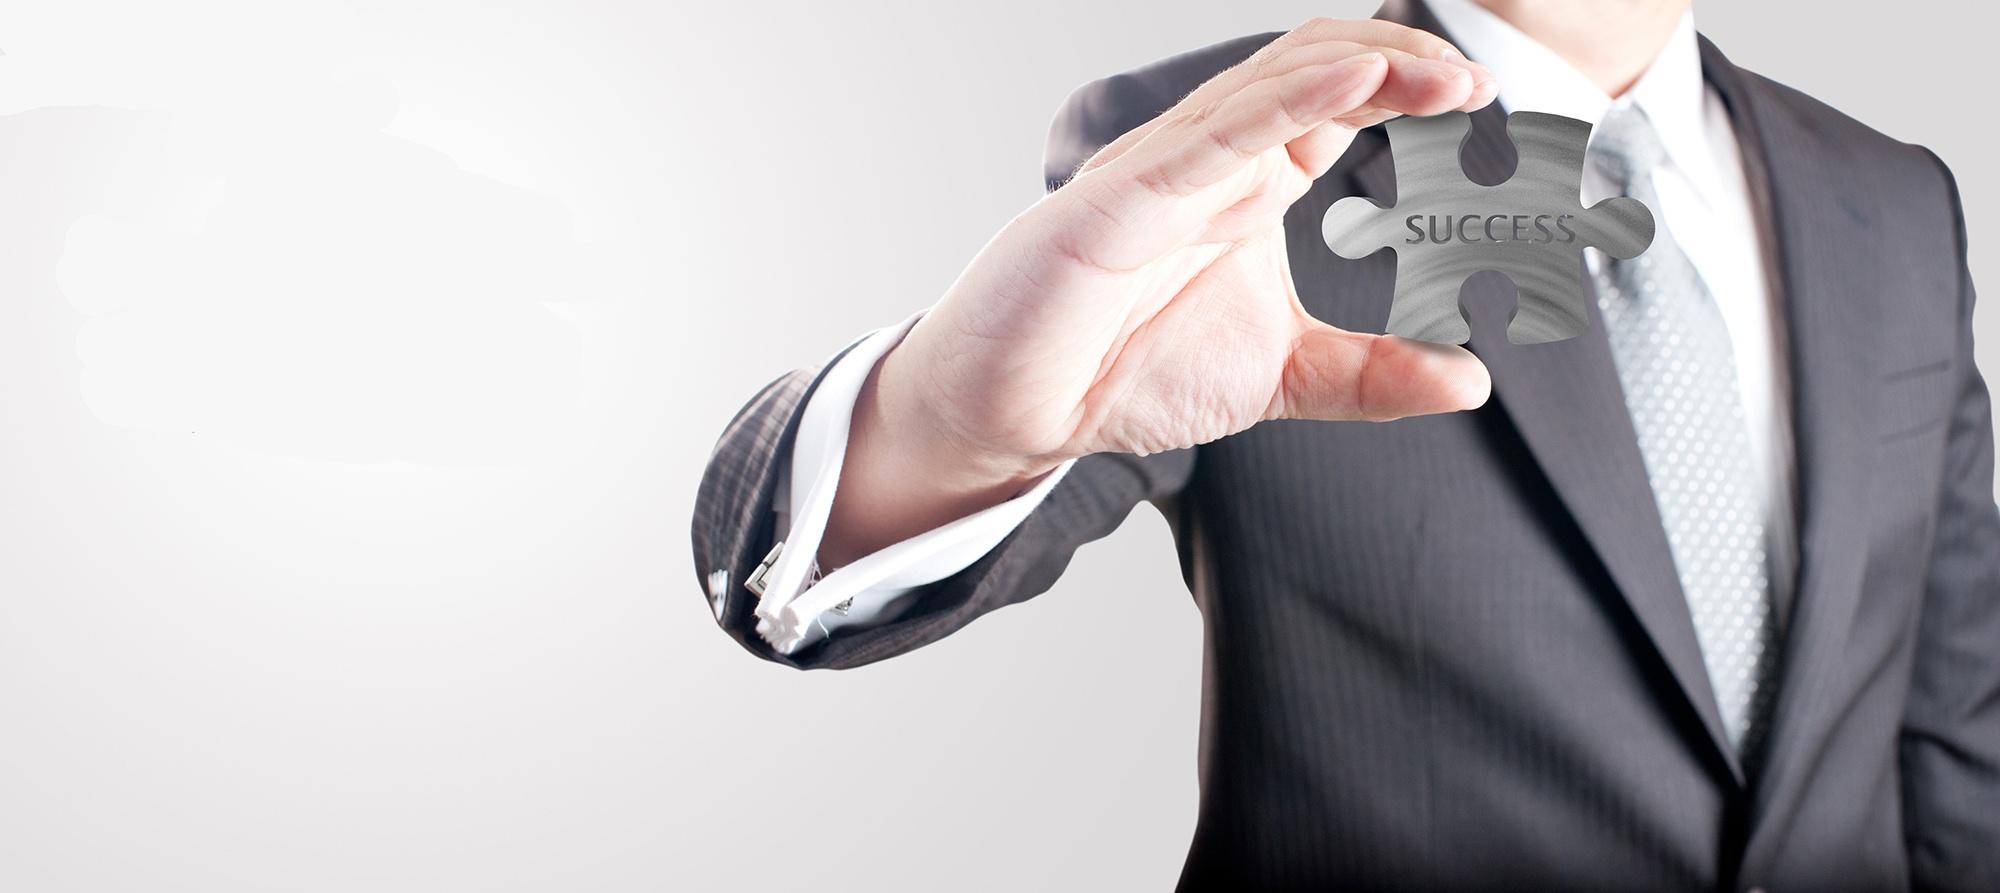 Success-Shutterstock-2000px